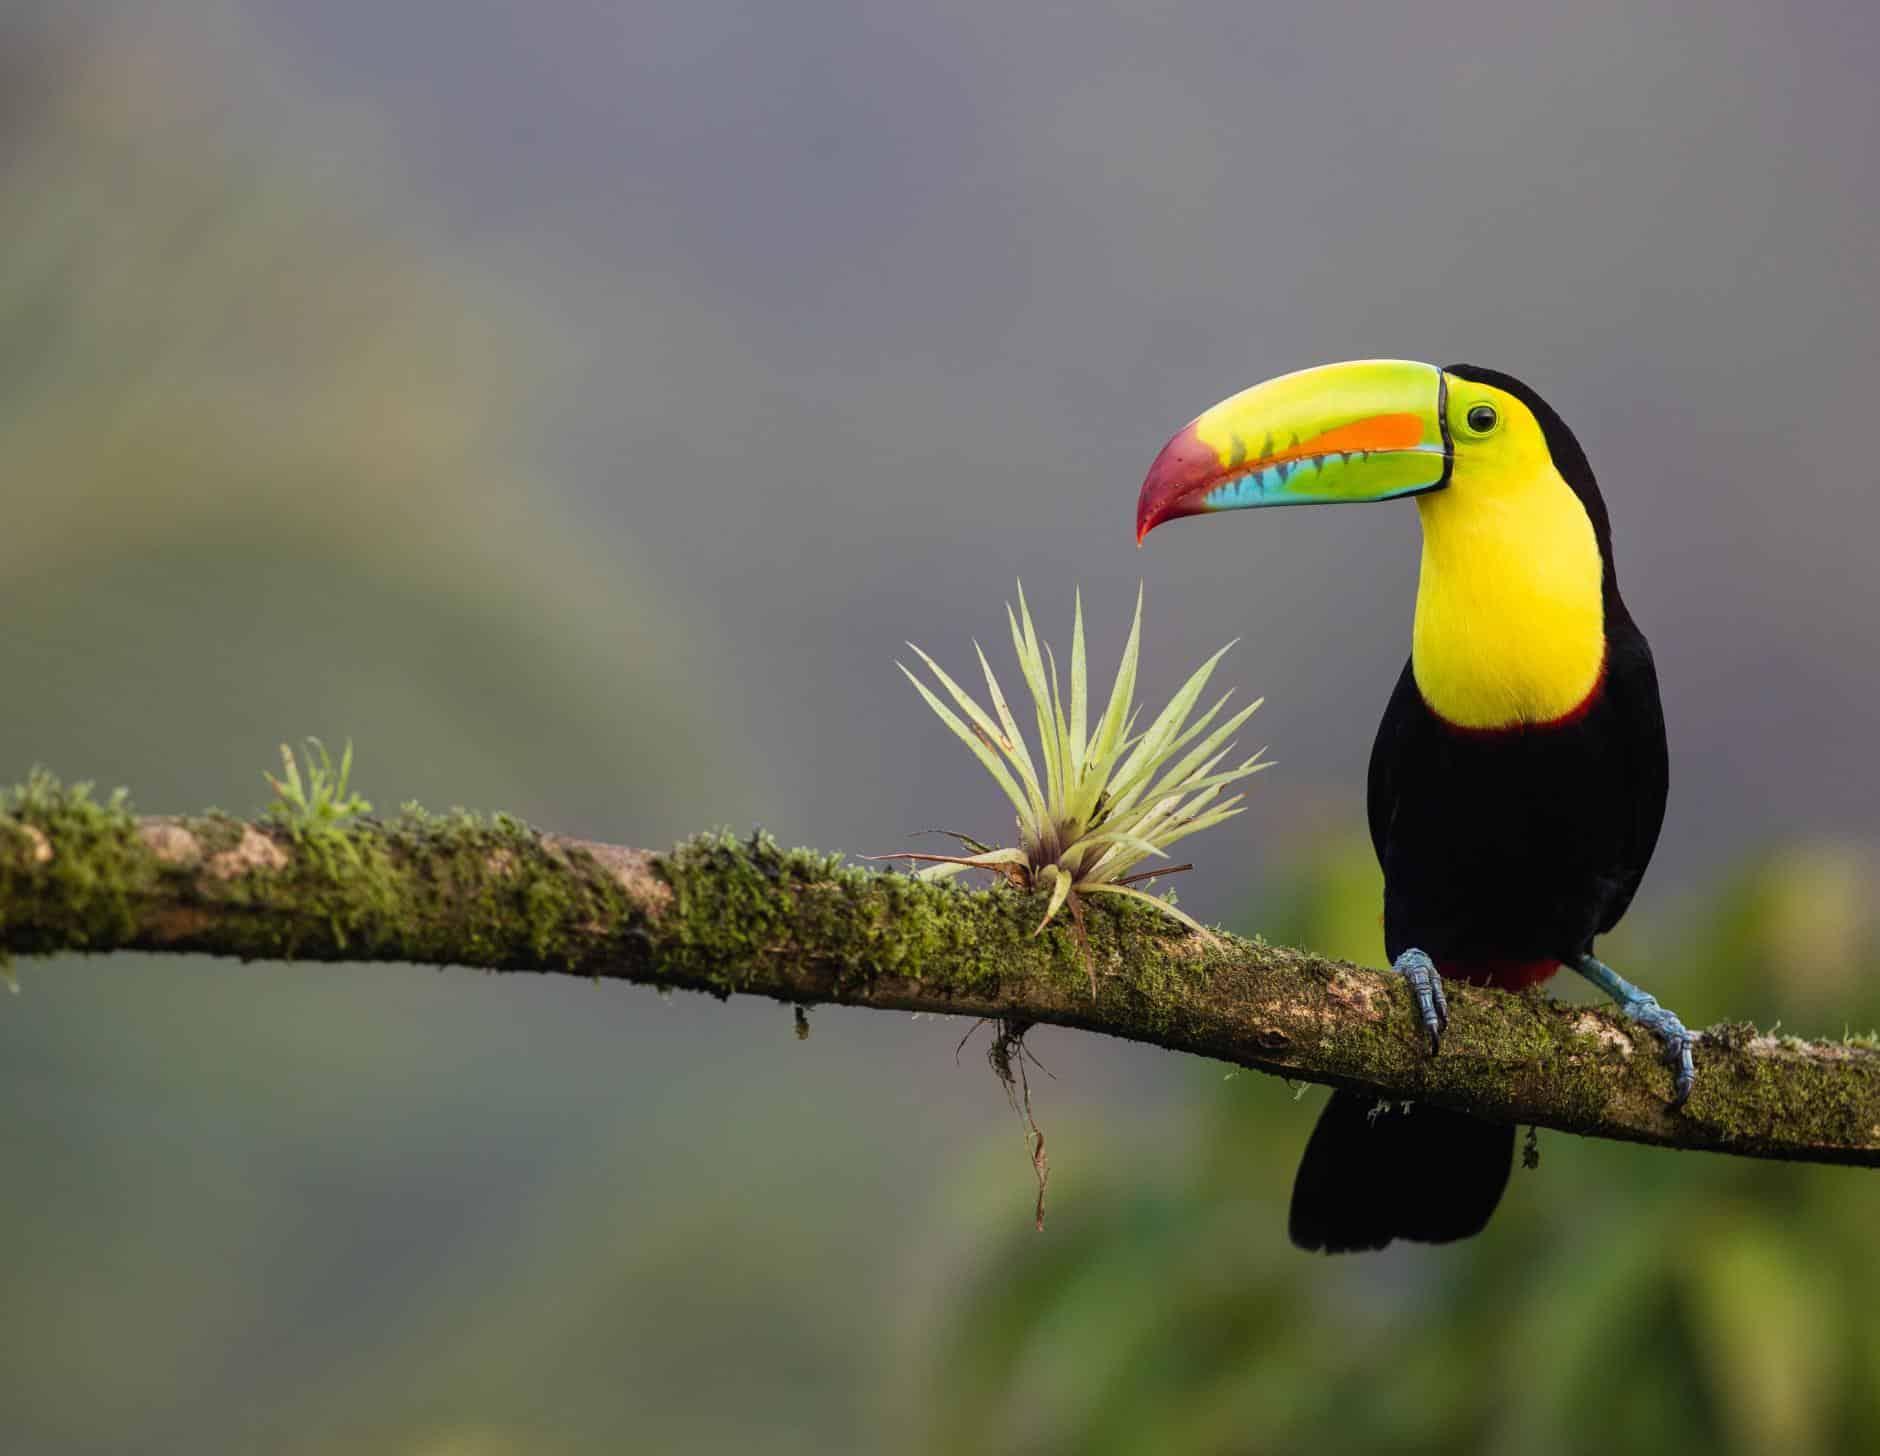 Costa Rica anunció que se convertirá en el primer país del mundo en cerrar sus zoológicos y liberar a todos los animales cautivos